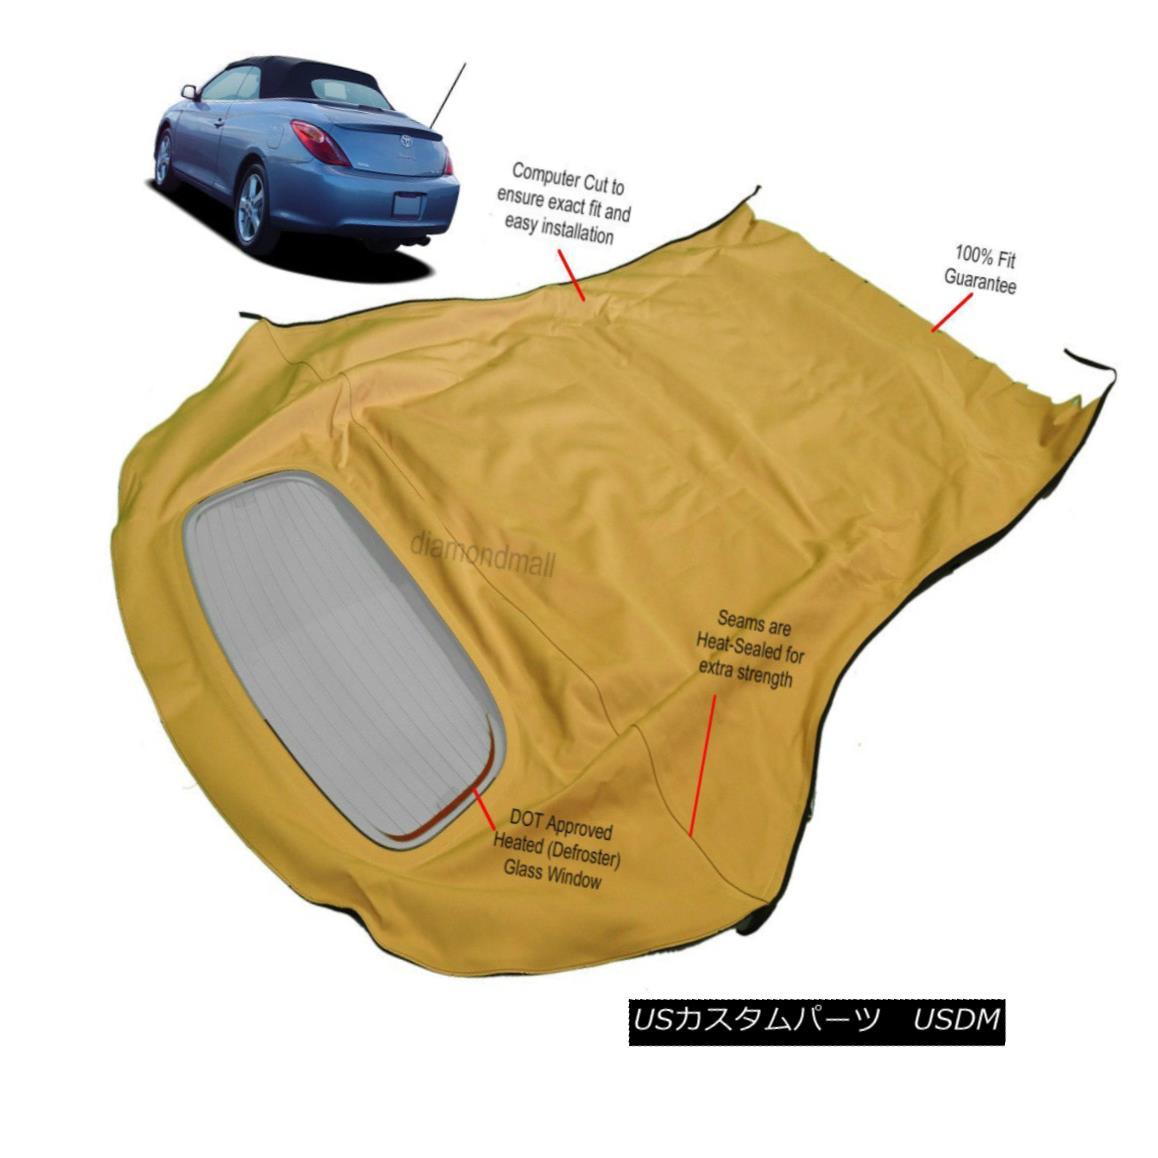 幌・ソフトトップ Toyota Camry, Solara Convertible Soft Top & Glass Window 2004-2009 Tan Twill トヨタカムリ、ソララコンバーチブルソフトトップ& Glass Window 2004-2009 Tan Twill